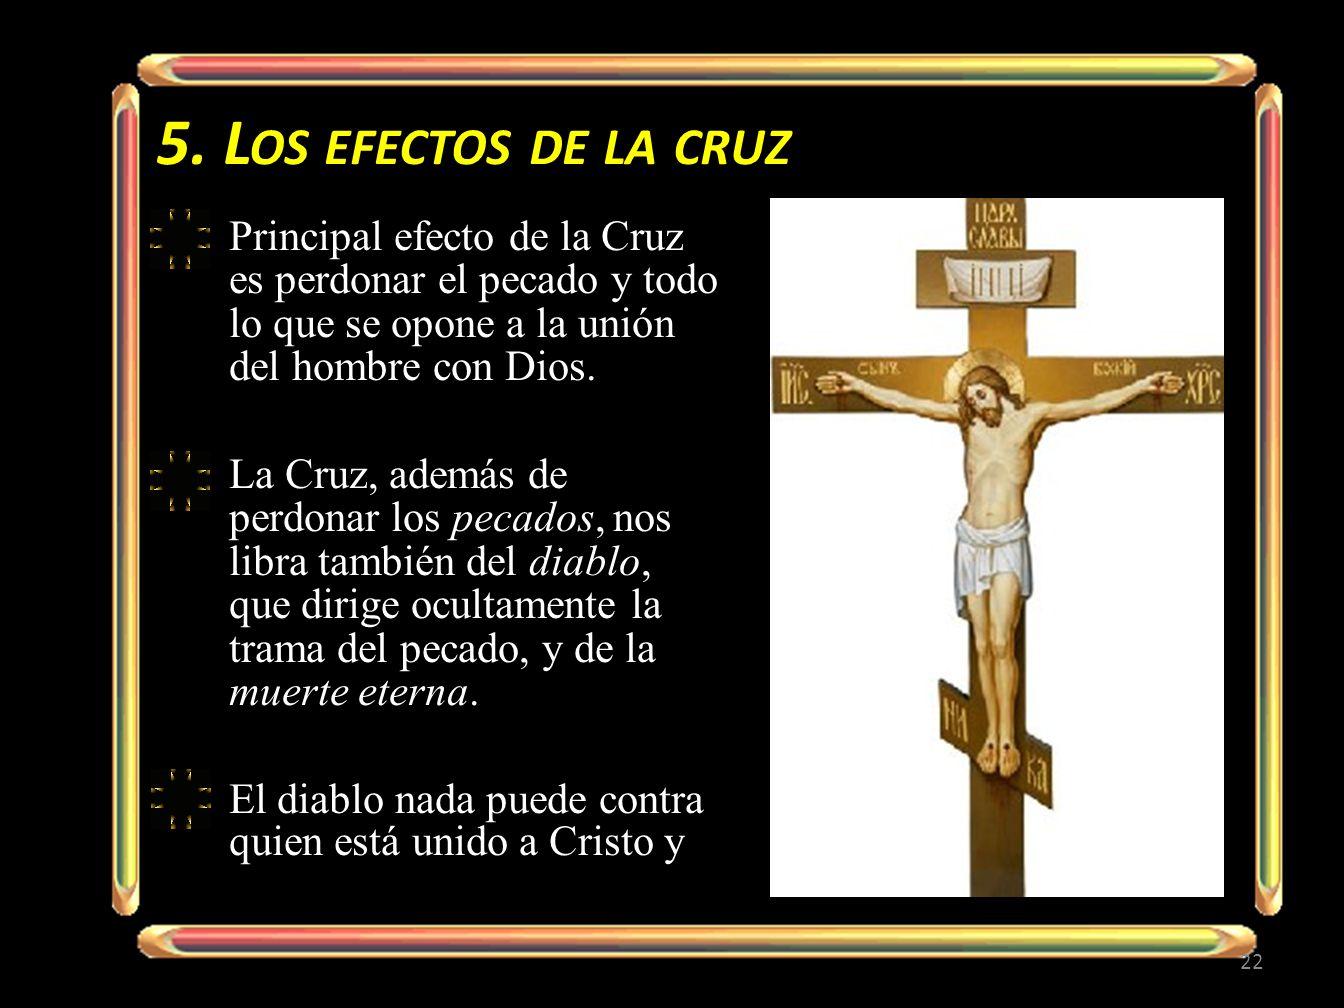 5. L OS EFECTOS DE LA CRUZ Principal efecto de la Cruz es perdonar el pecado y todo lo que se opone a la unión del hombre con Dios. La Cruz, además de